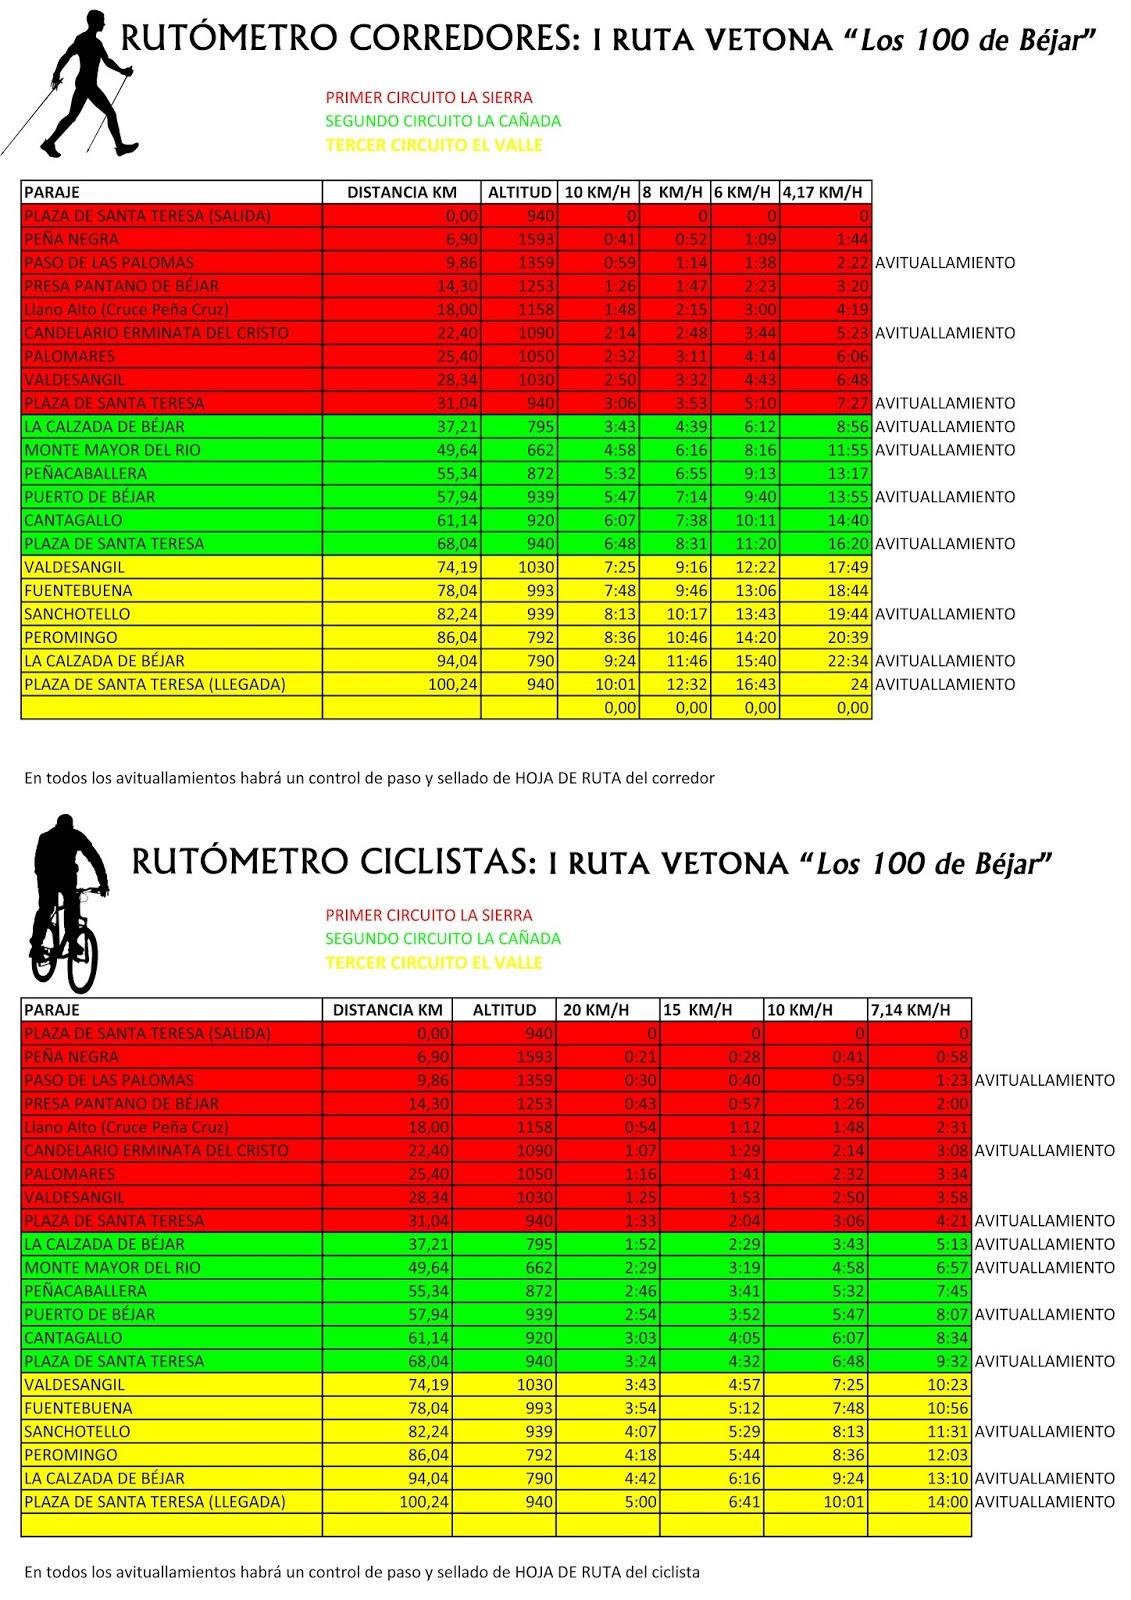 Rutómetro de la Ruta Vetona 2013